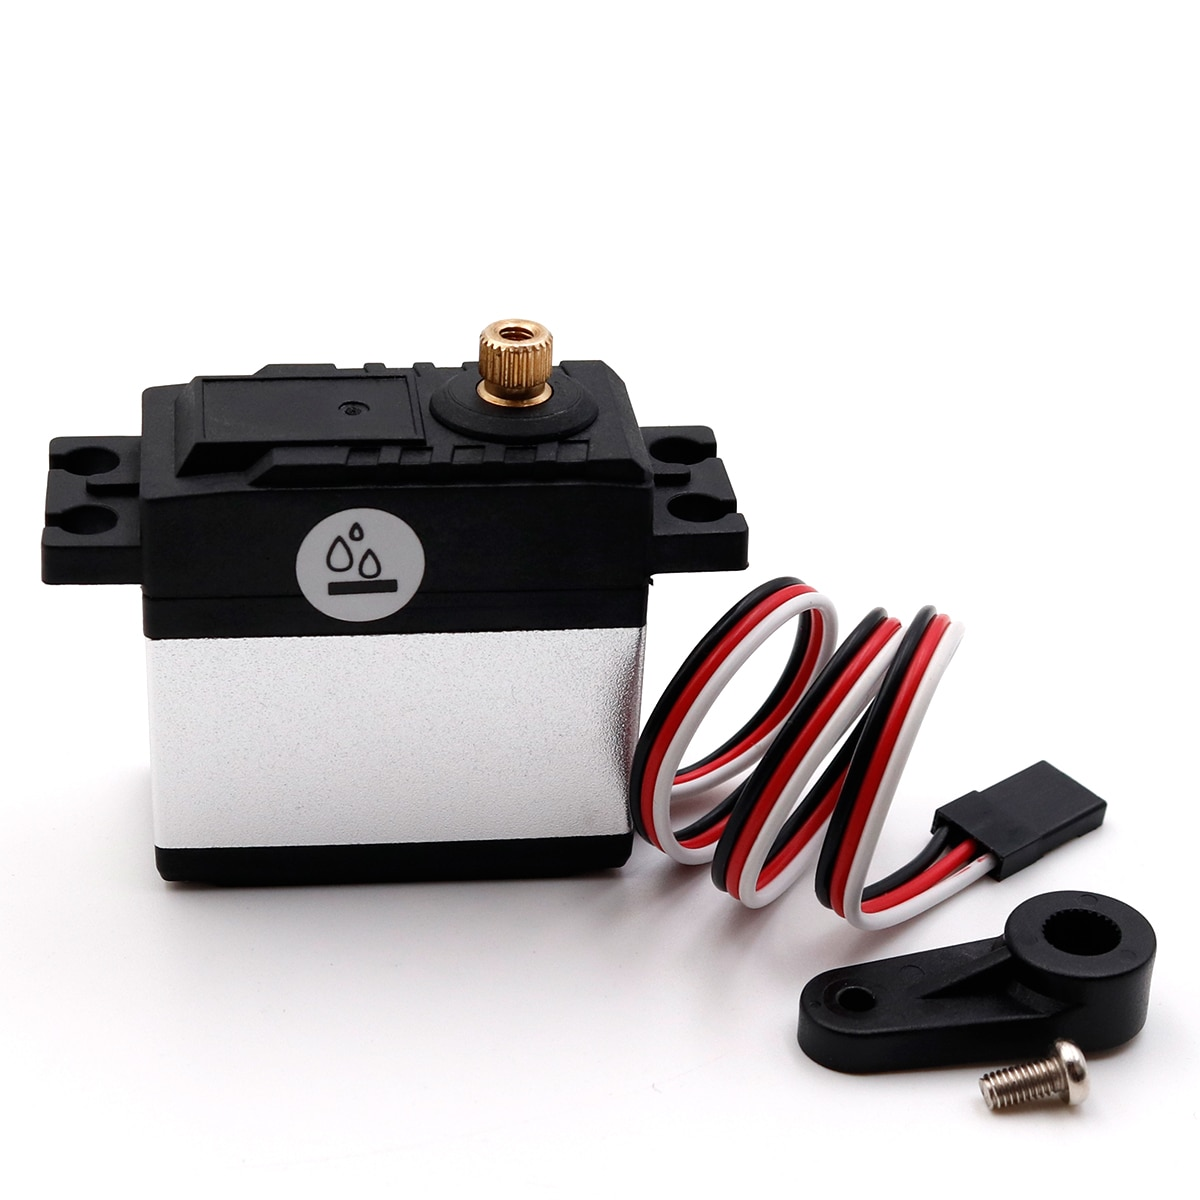 Equipo de Servo Metal 15Kg 6015, resistente al agua, Servo de alto torsión, 6V-7,4 V, a control remoto para coche, barco conectado